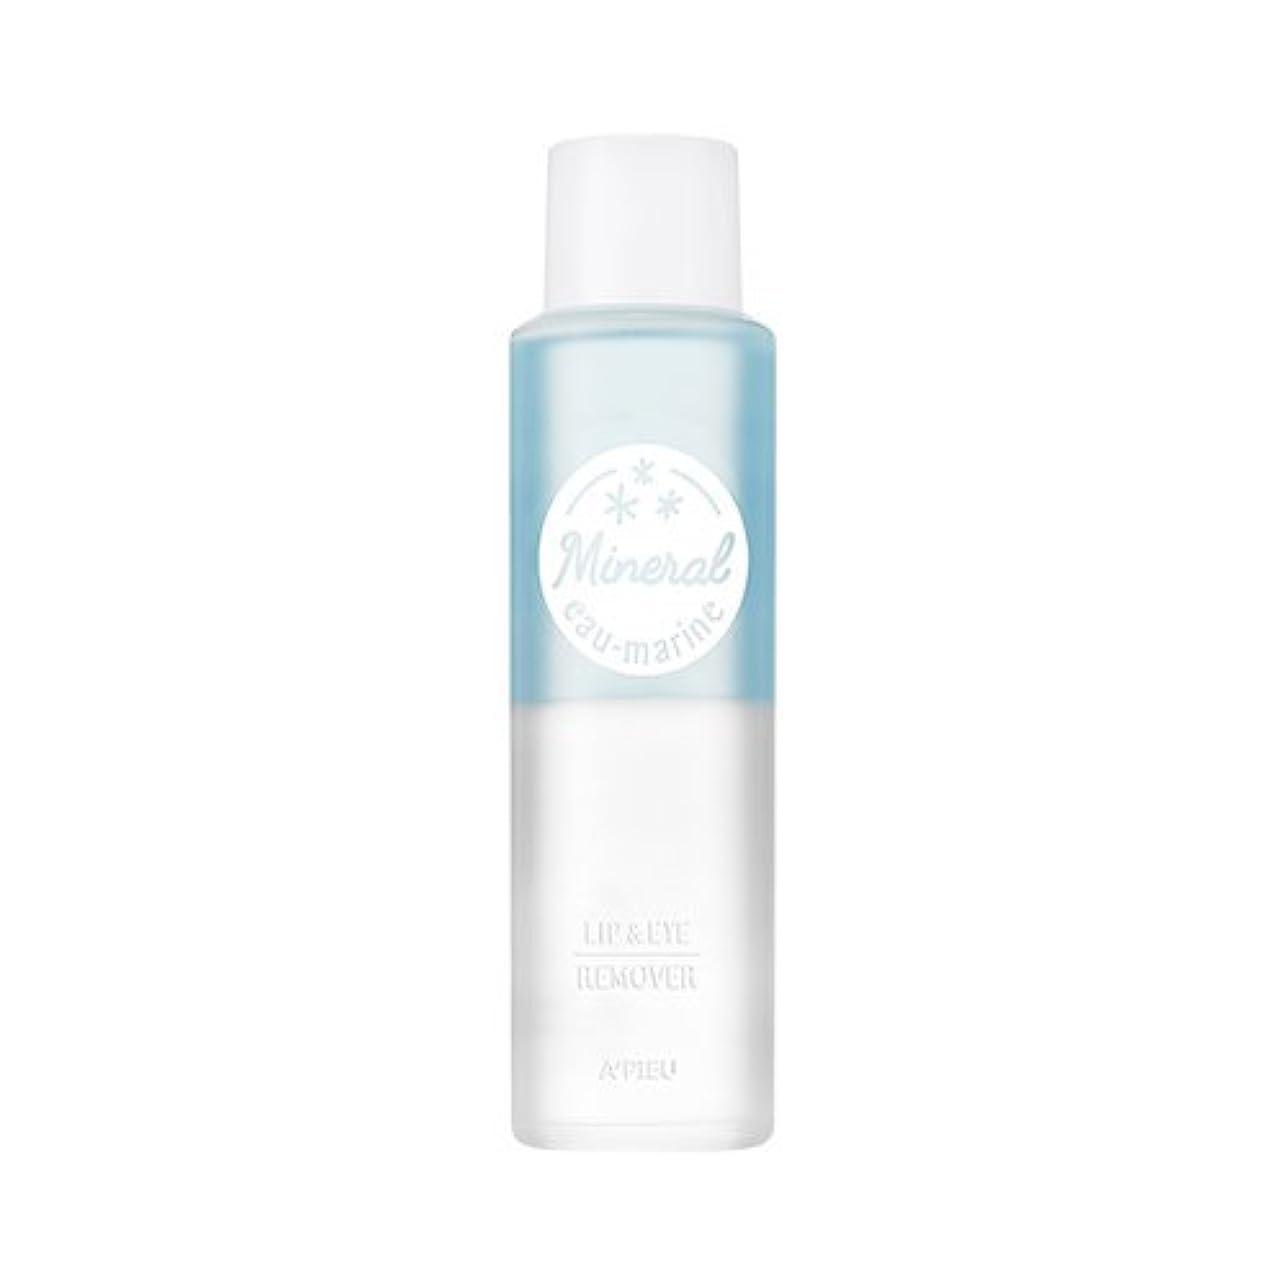 子孫貼り直す流APIEU Mineral Lip and Eye Make Up Remover 250ml (eau-marine) / アピュ ミネラル リップ?アイ メイクアップ リムーバー(大容量) [並行輸入品]